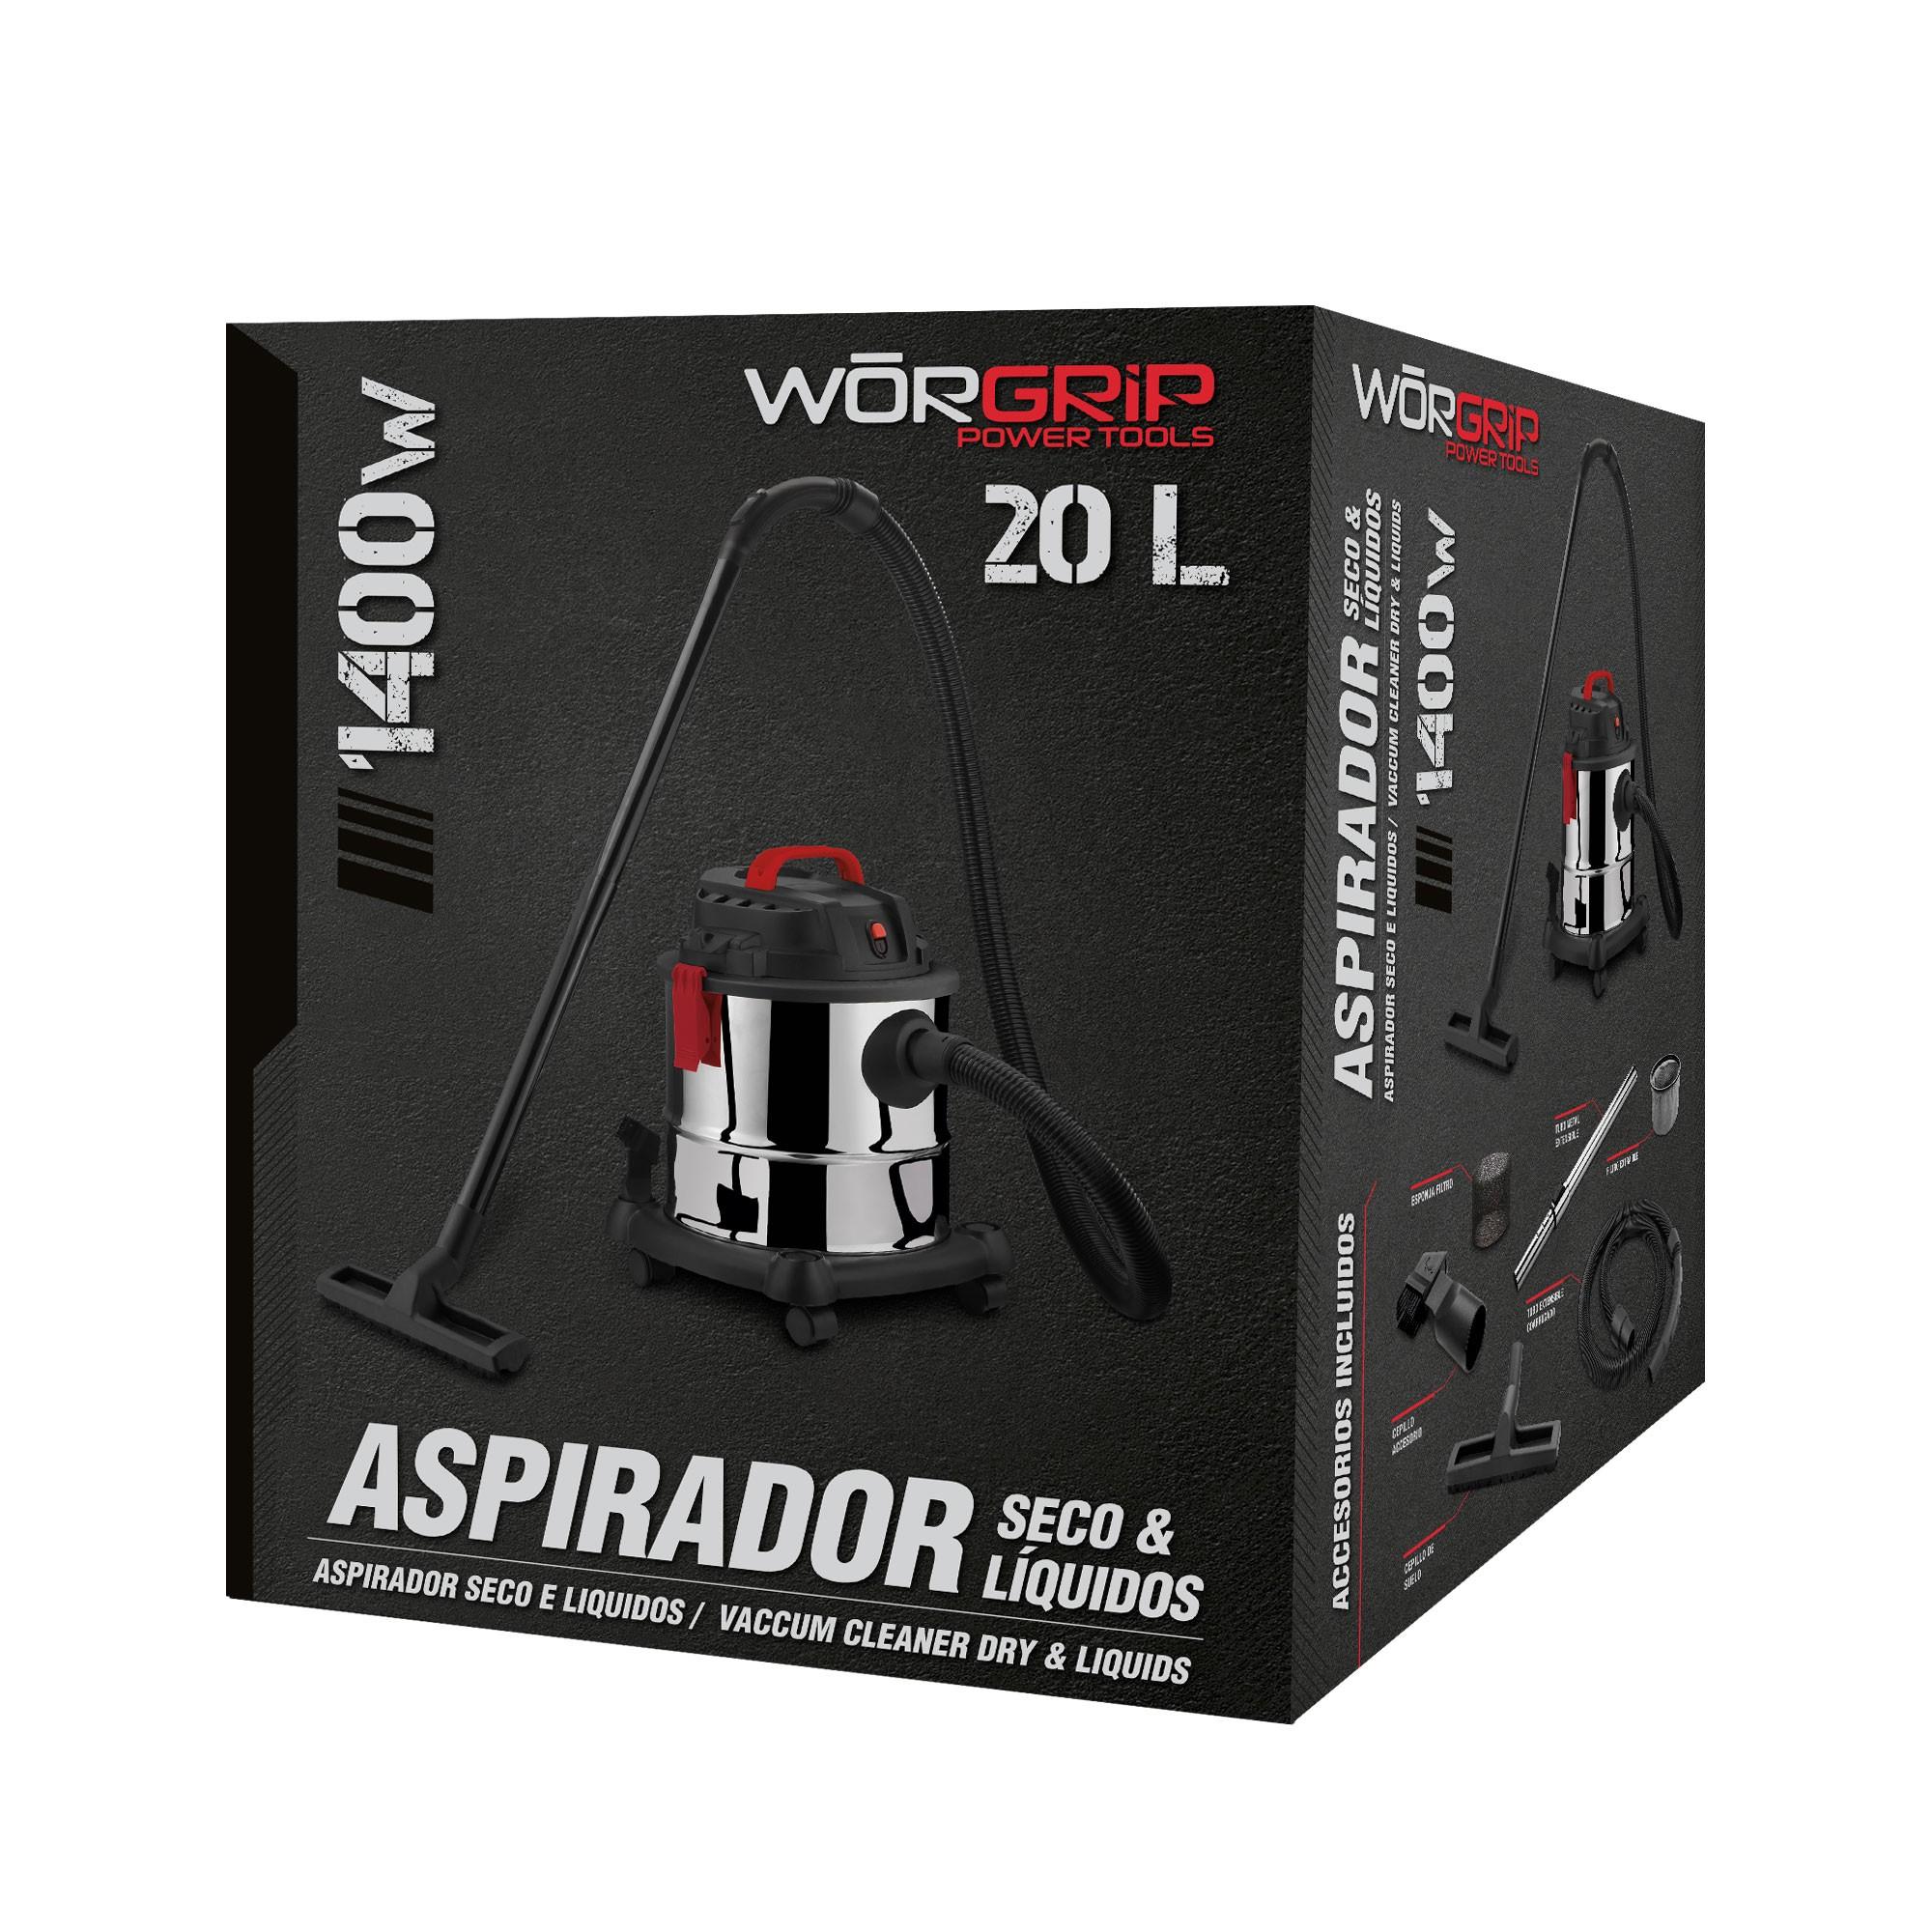 Aspirador polvo-líquido Worgrip 1400W 20 litros